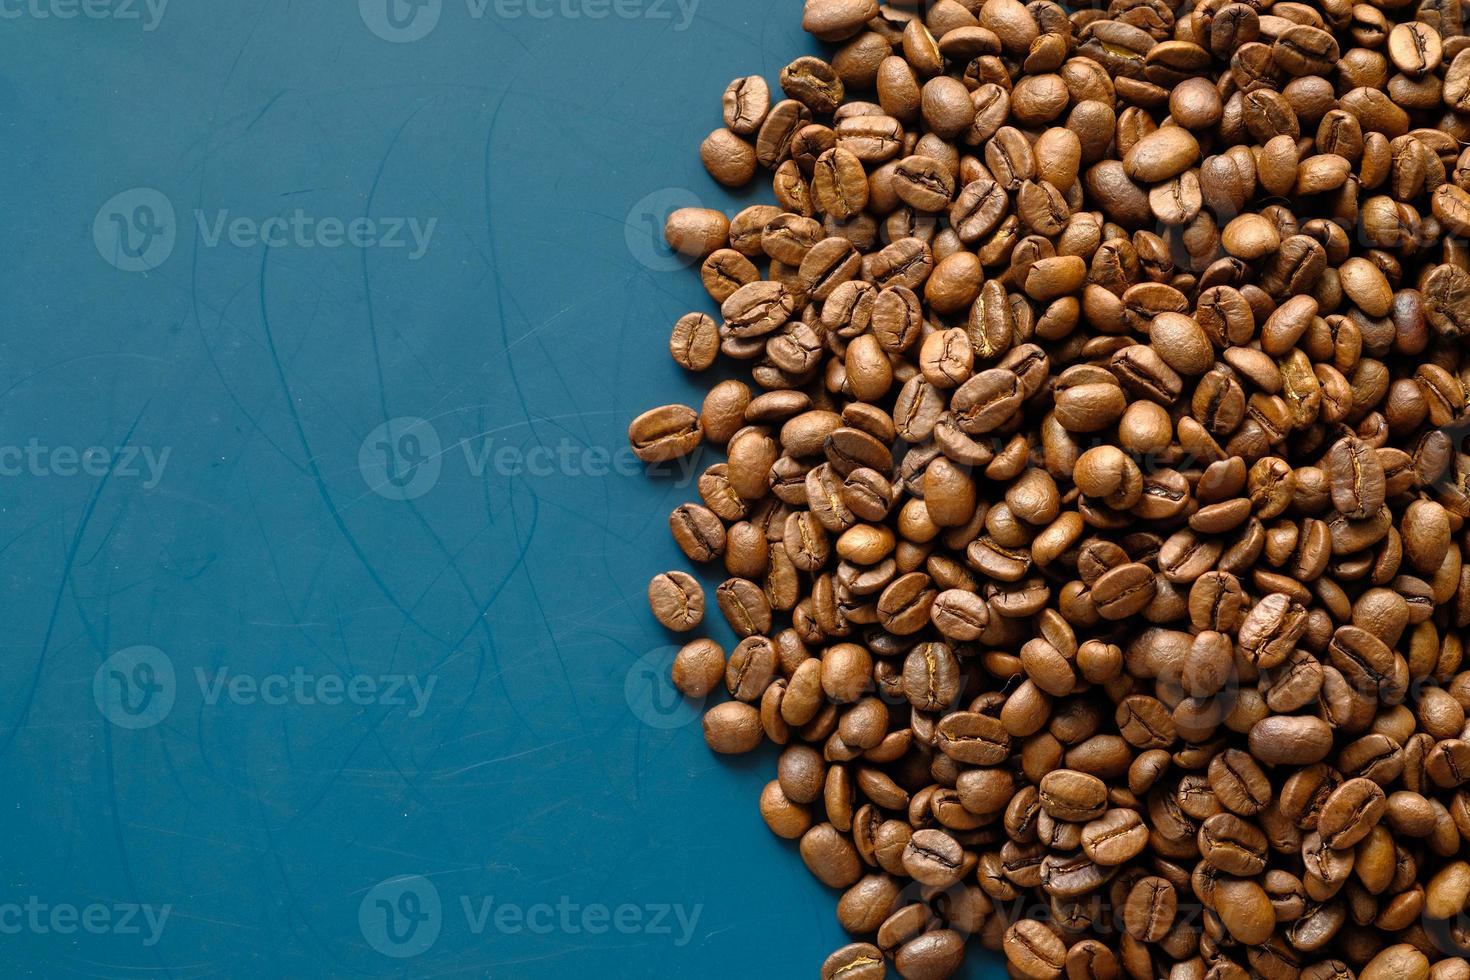 Kaffeebohnen auf blauem Hintergrund mit Kopienraum foto